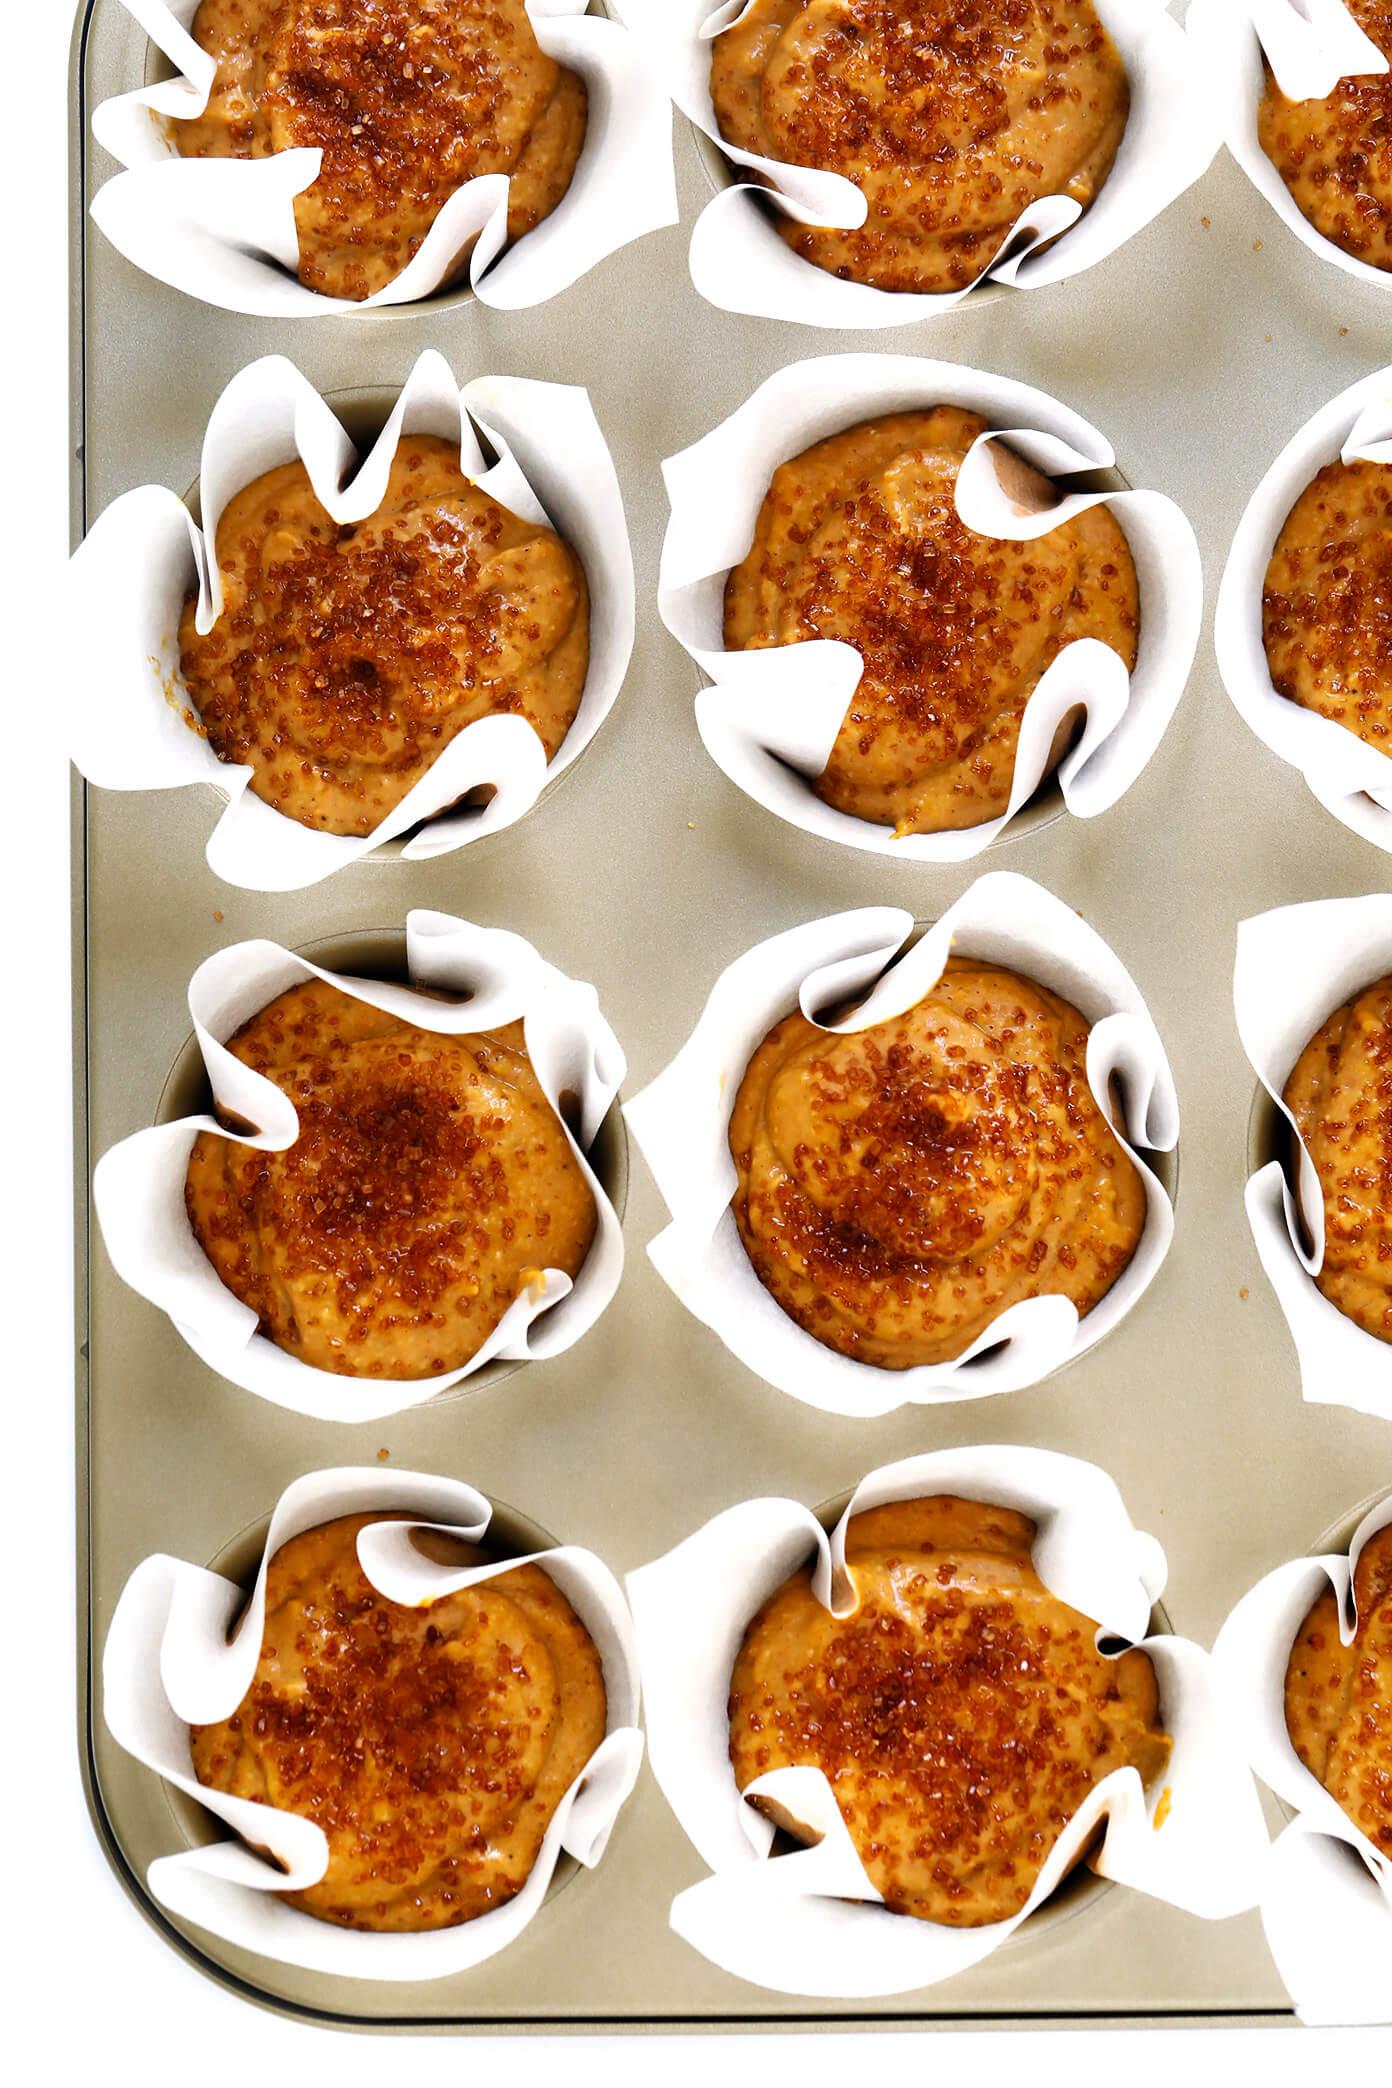 Healthy Pumpkin Muffins Ingredients